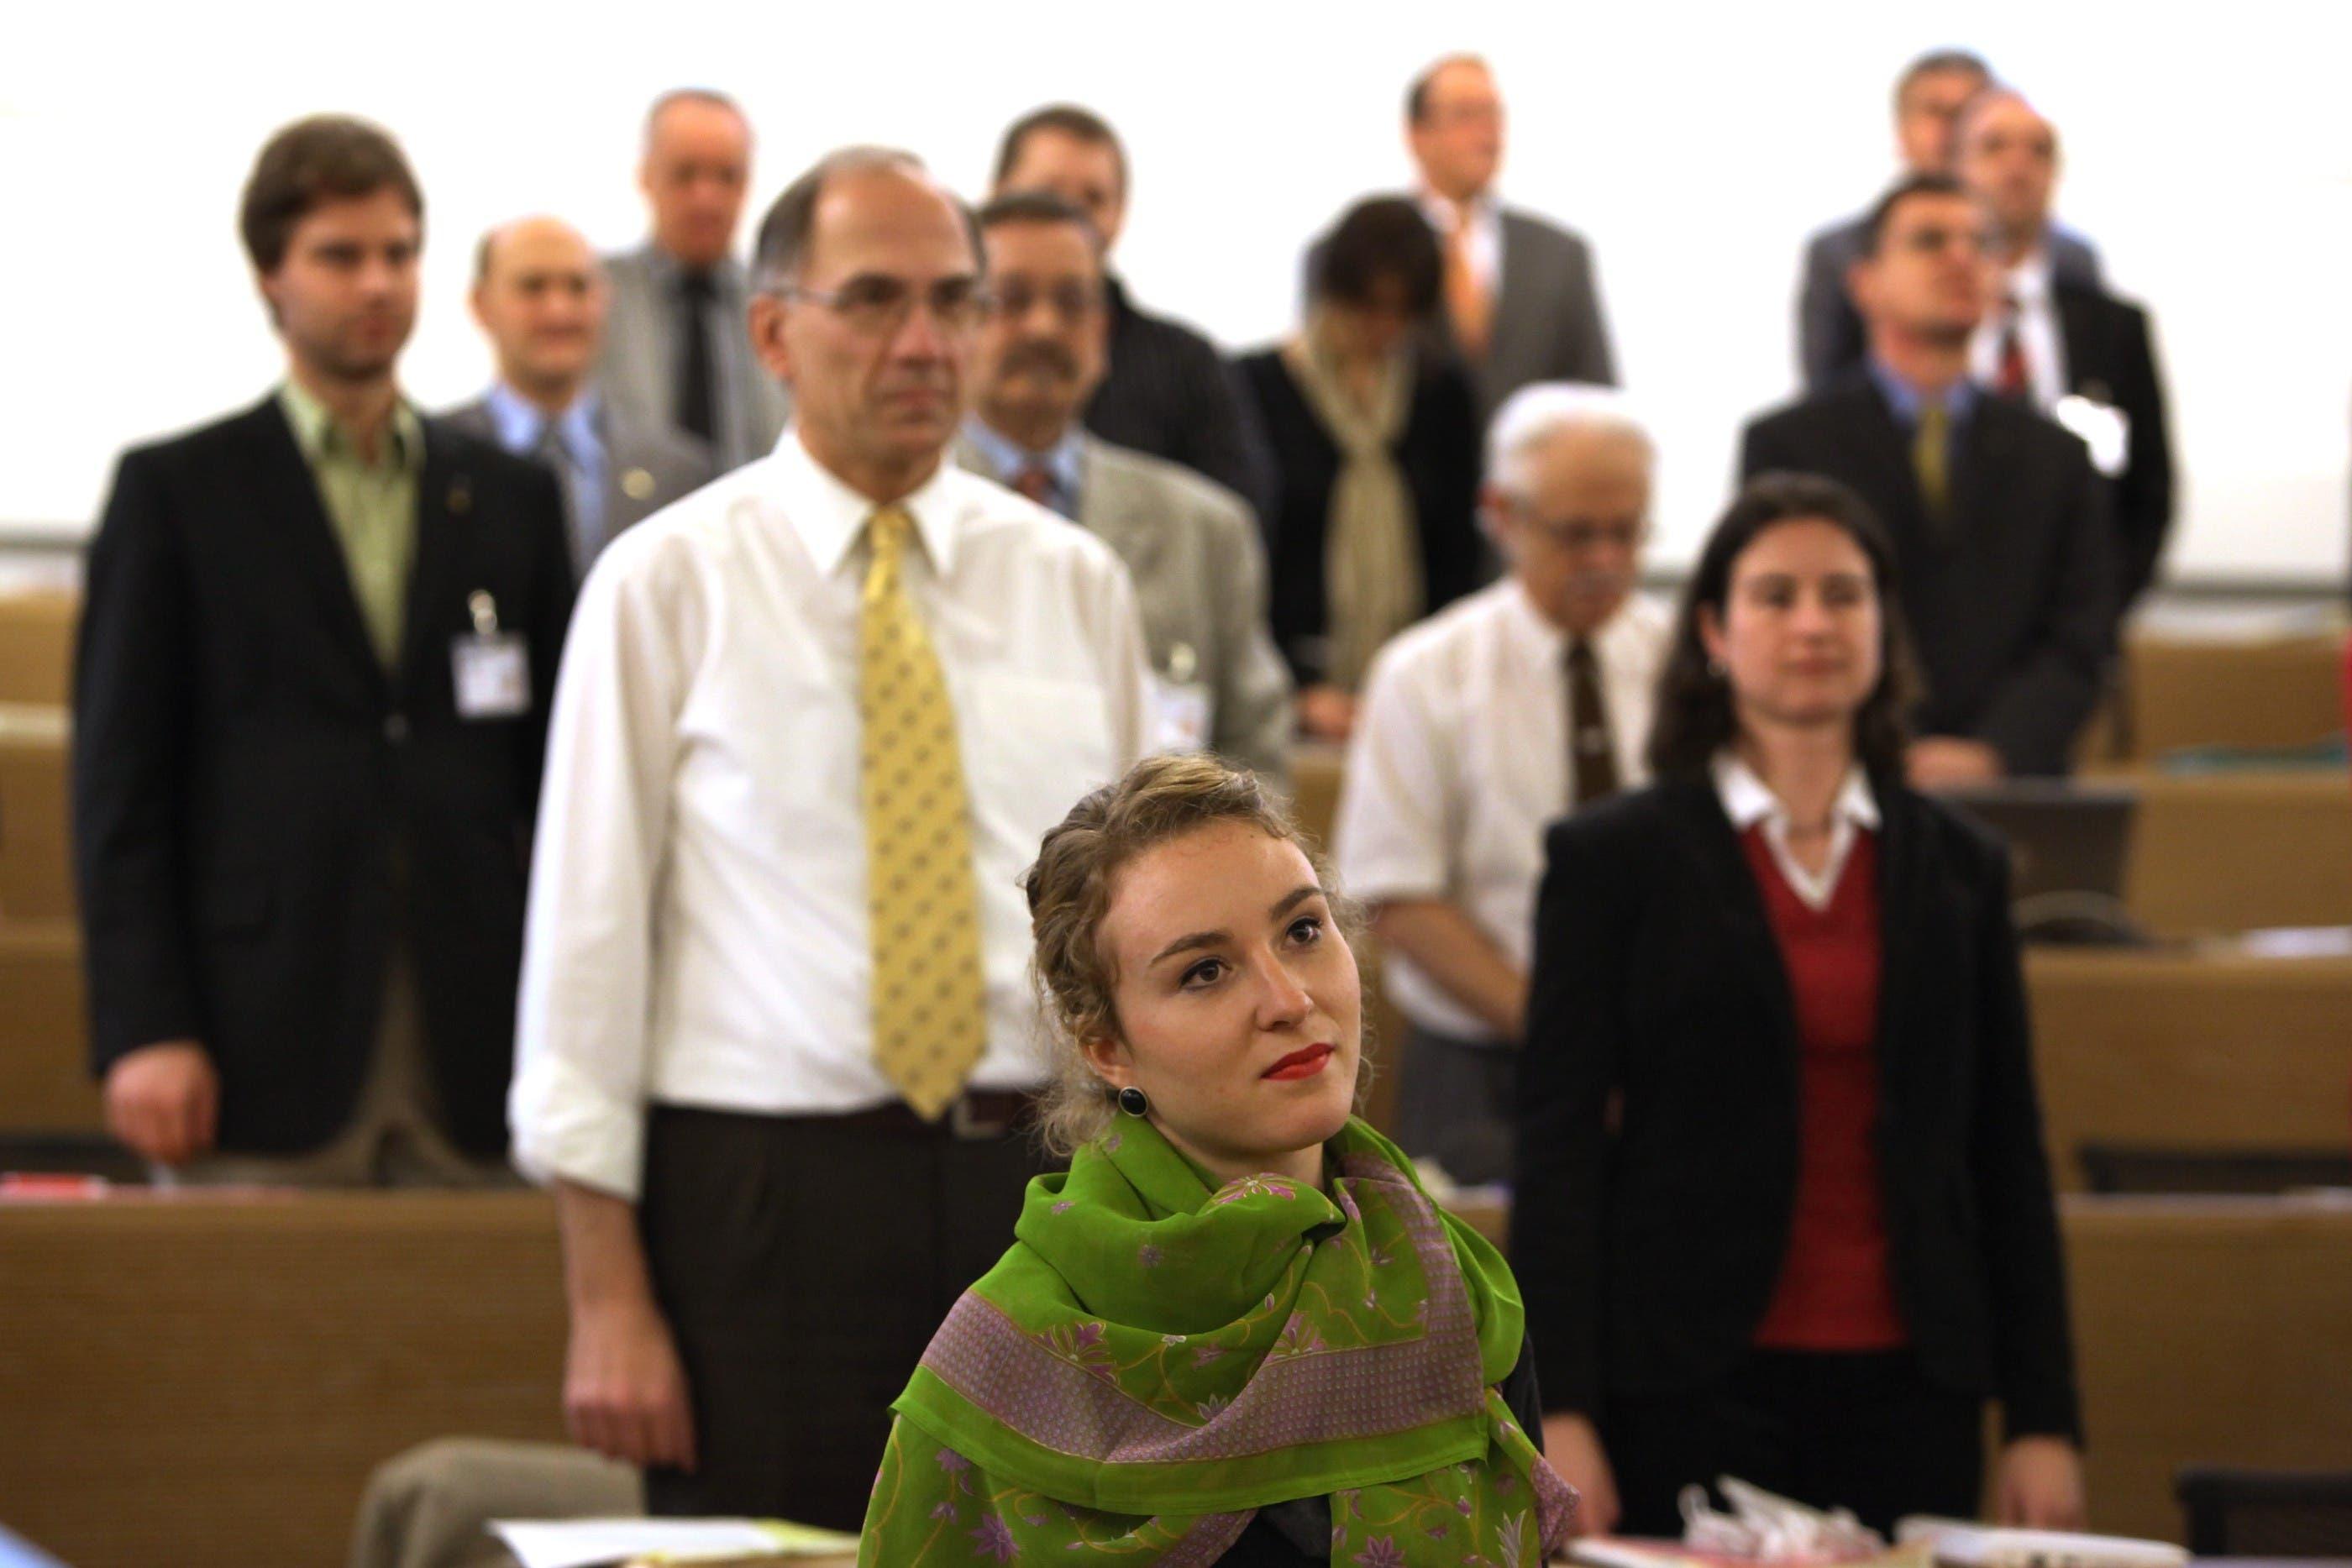 2010 schaffte sie als 22-Jährige den Sprung in den Grossen Rat: Irène Kälin bei der Inpflichtnahme für den Grossen Rat.